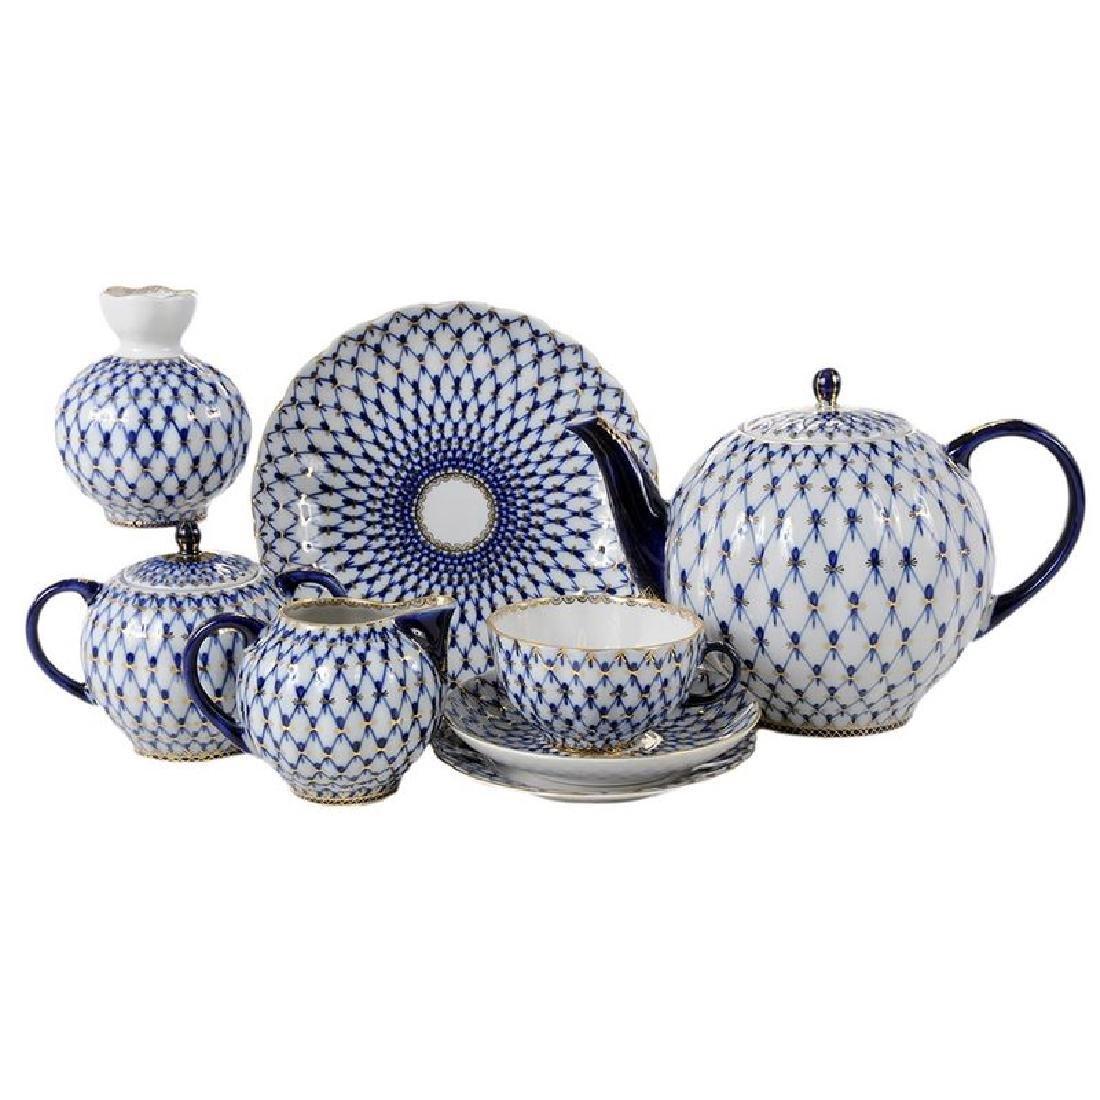 40 Piece Lomonosov Porcelain Tea Set